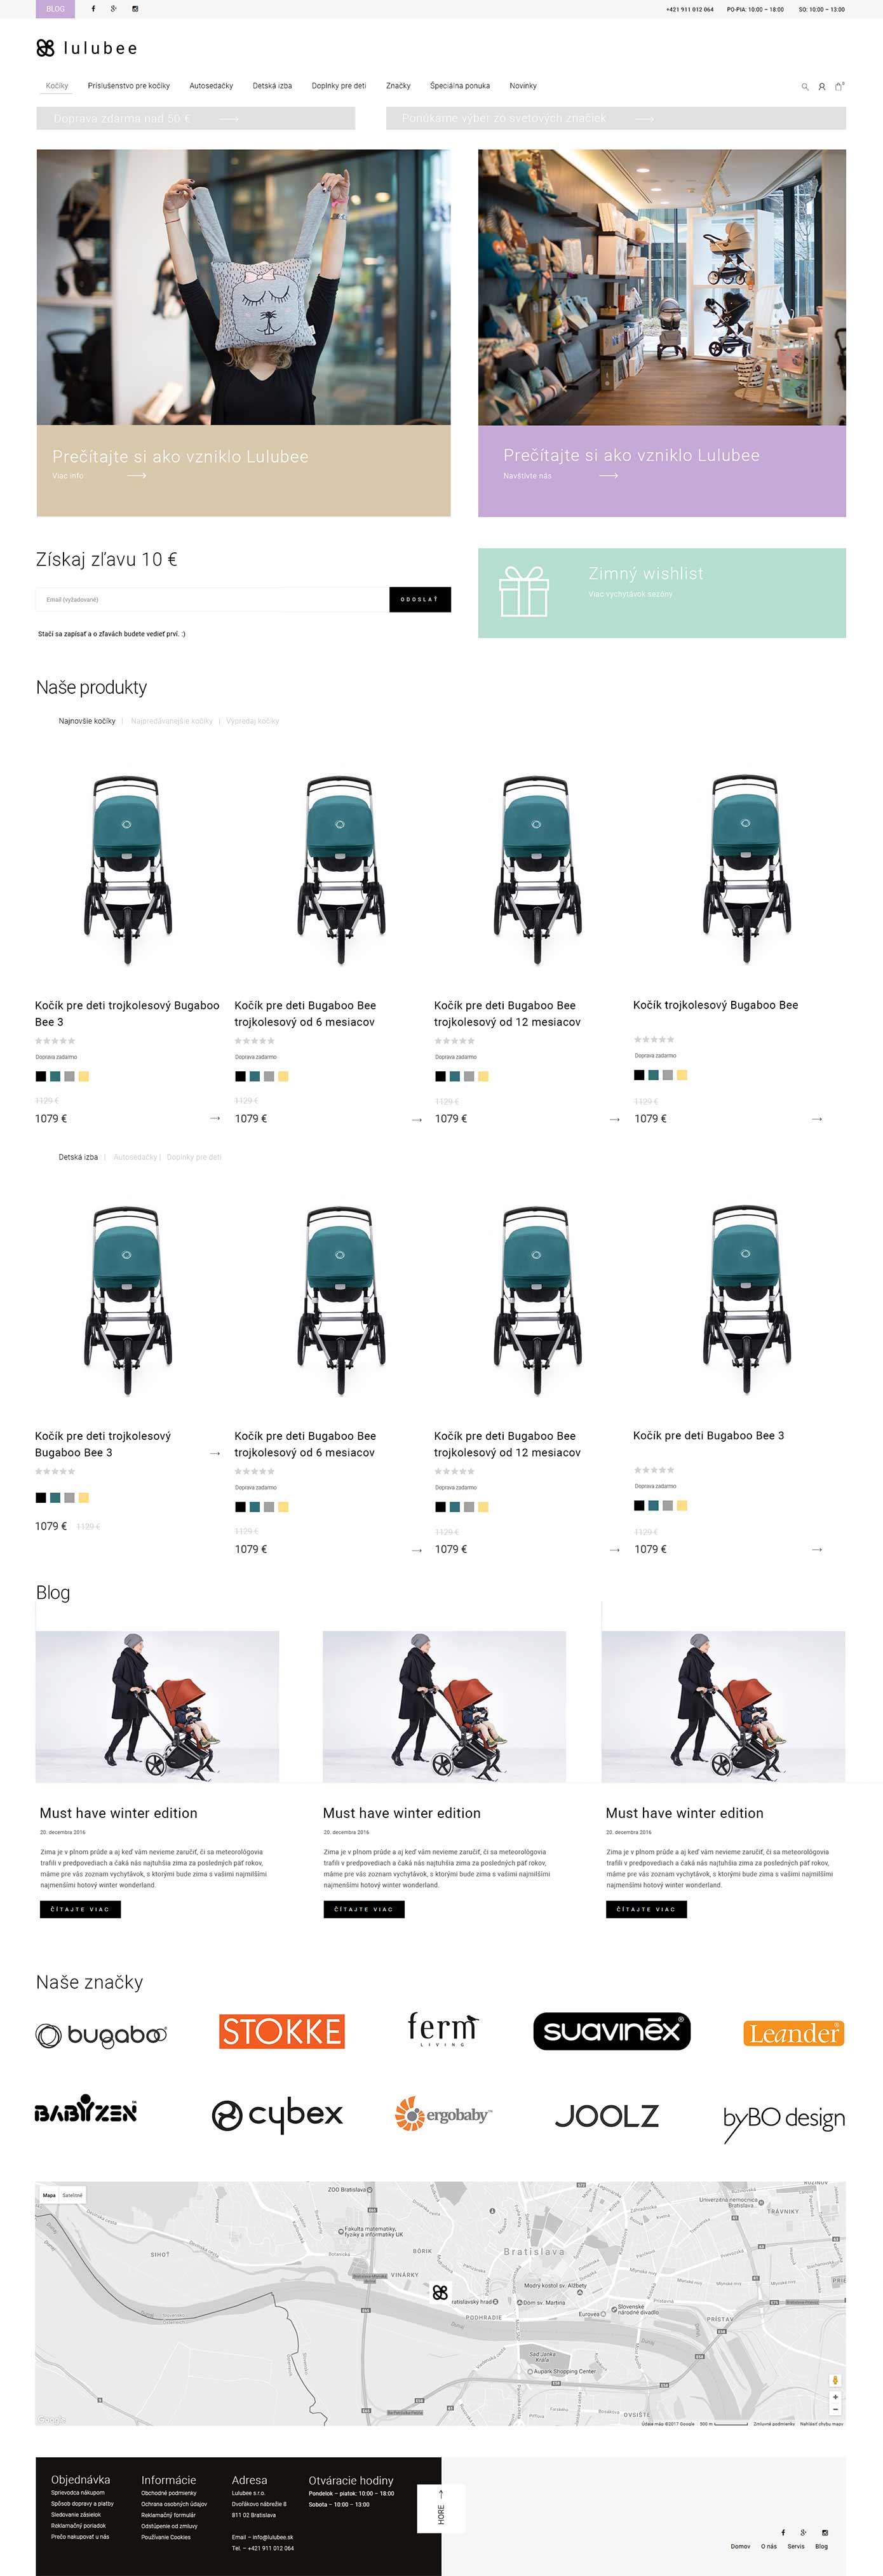 Dizajn hlavnej stránky Lulubee